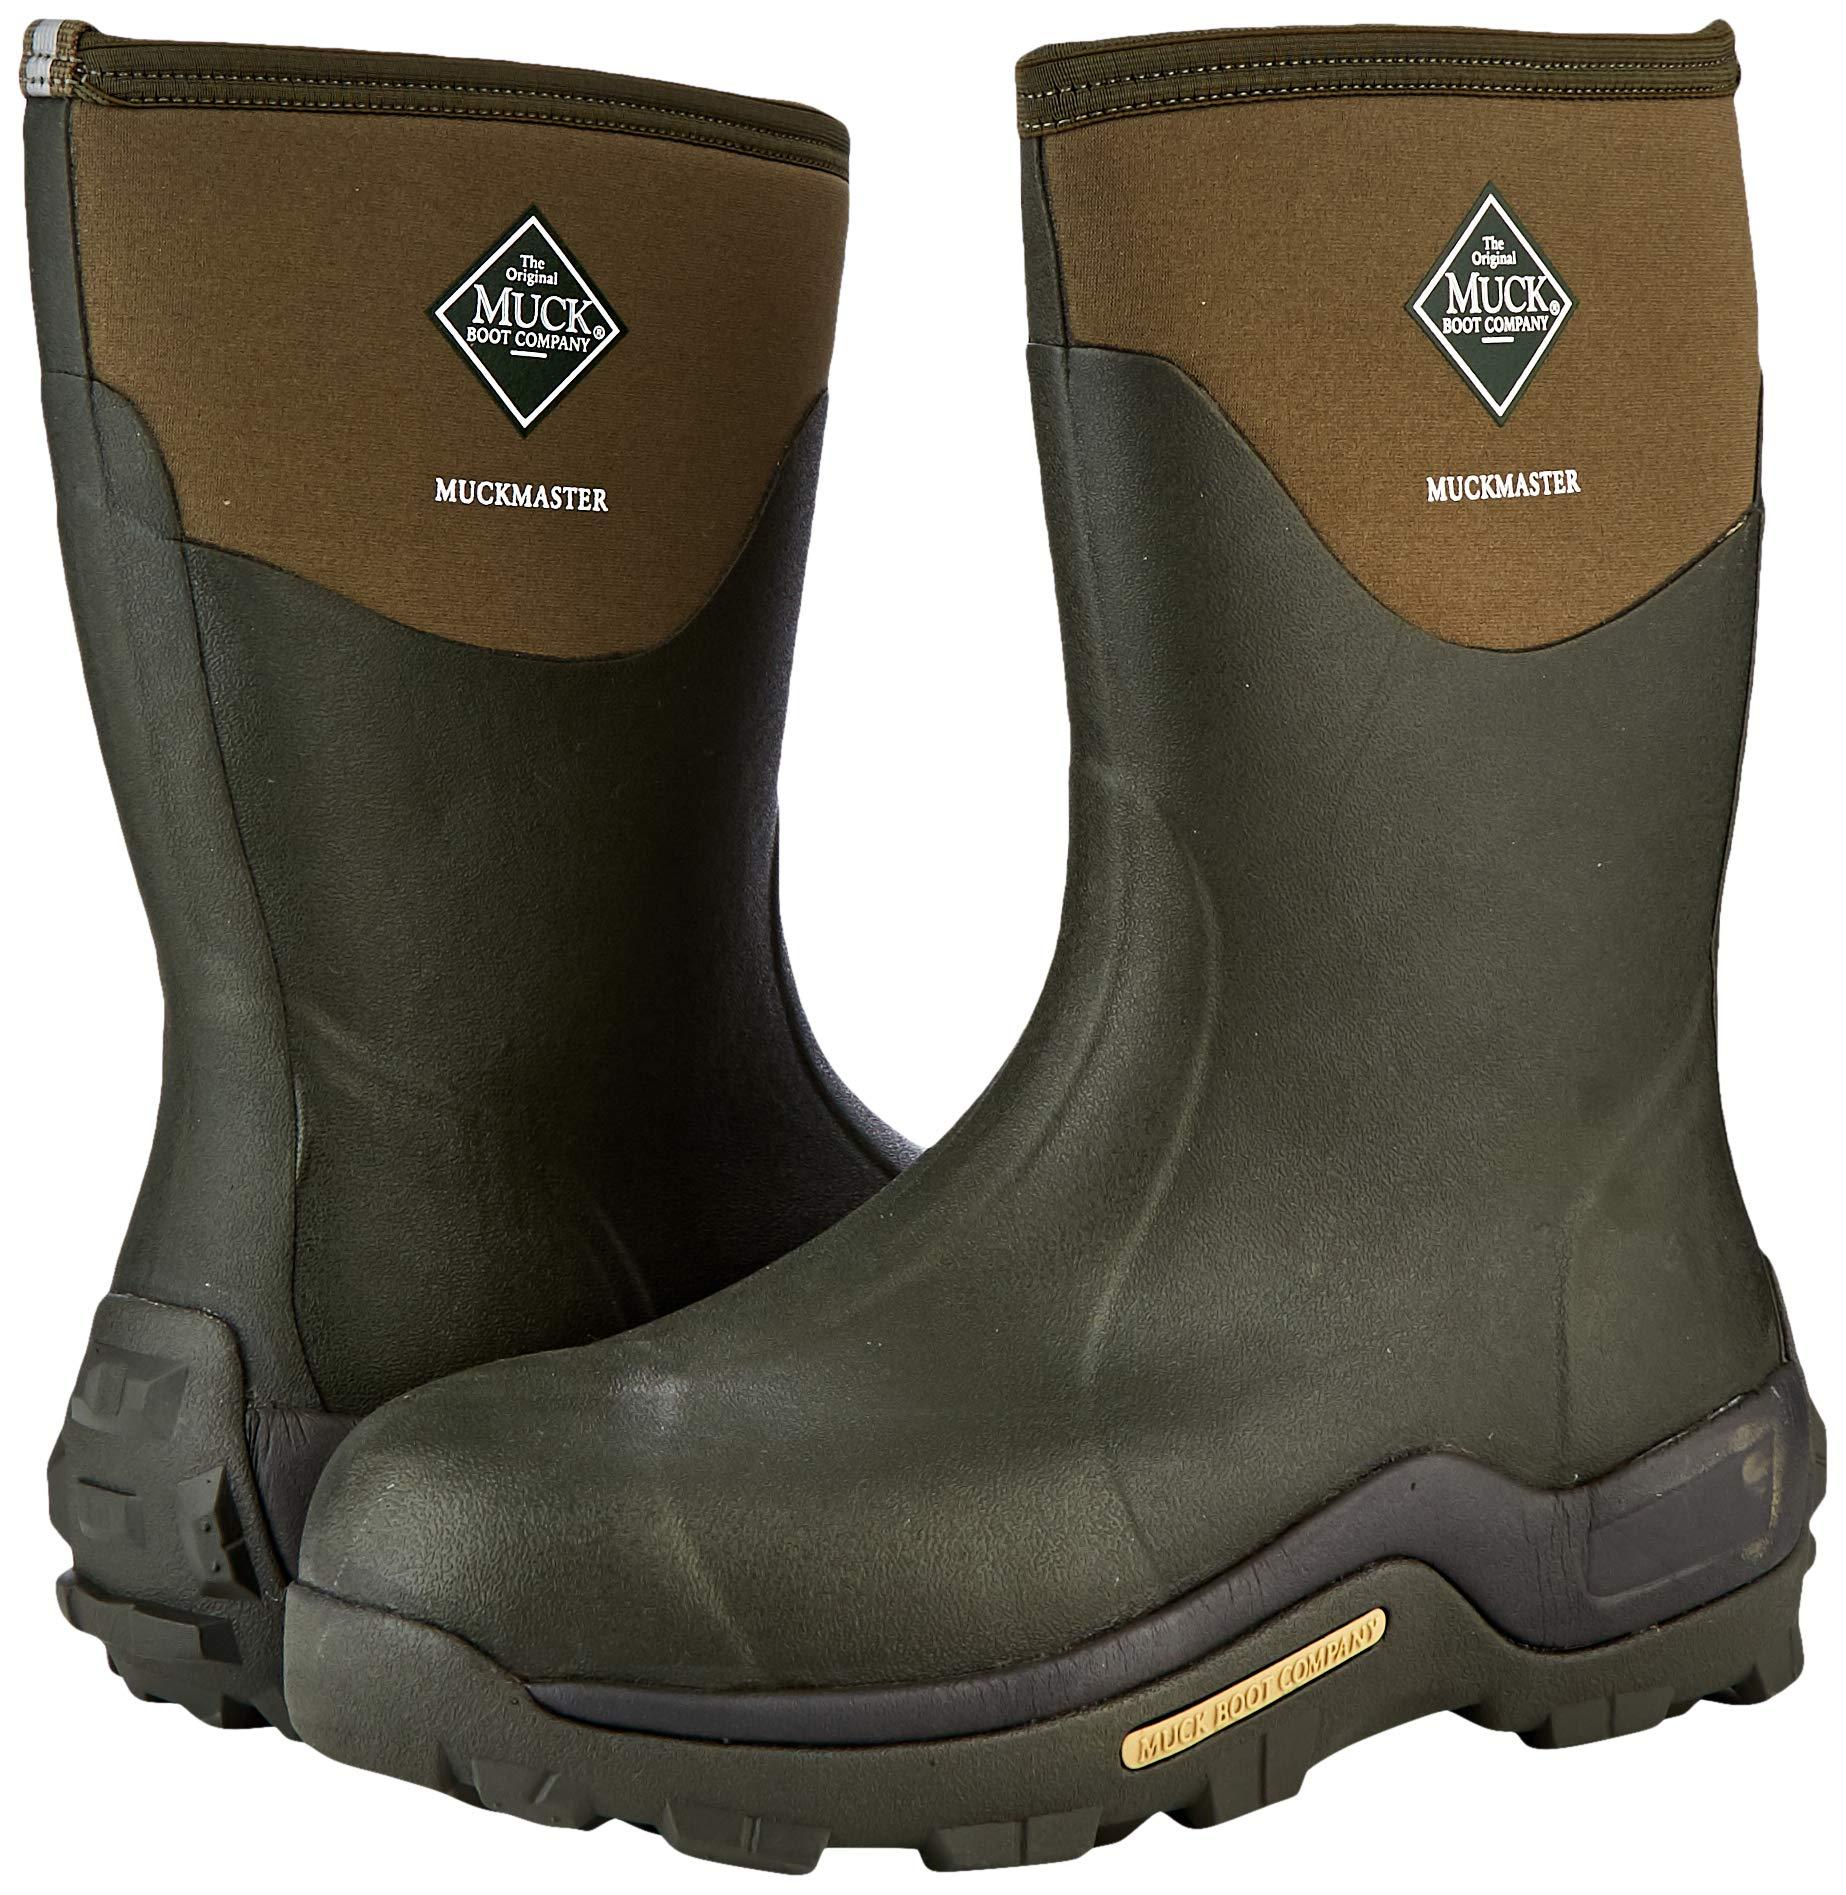 Muck Boots Muckmaster Mid Rain Boot 5